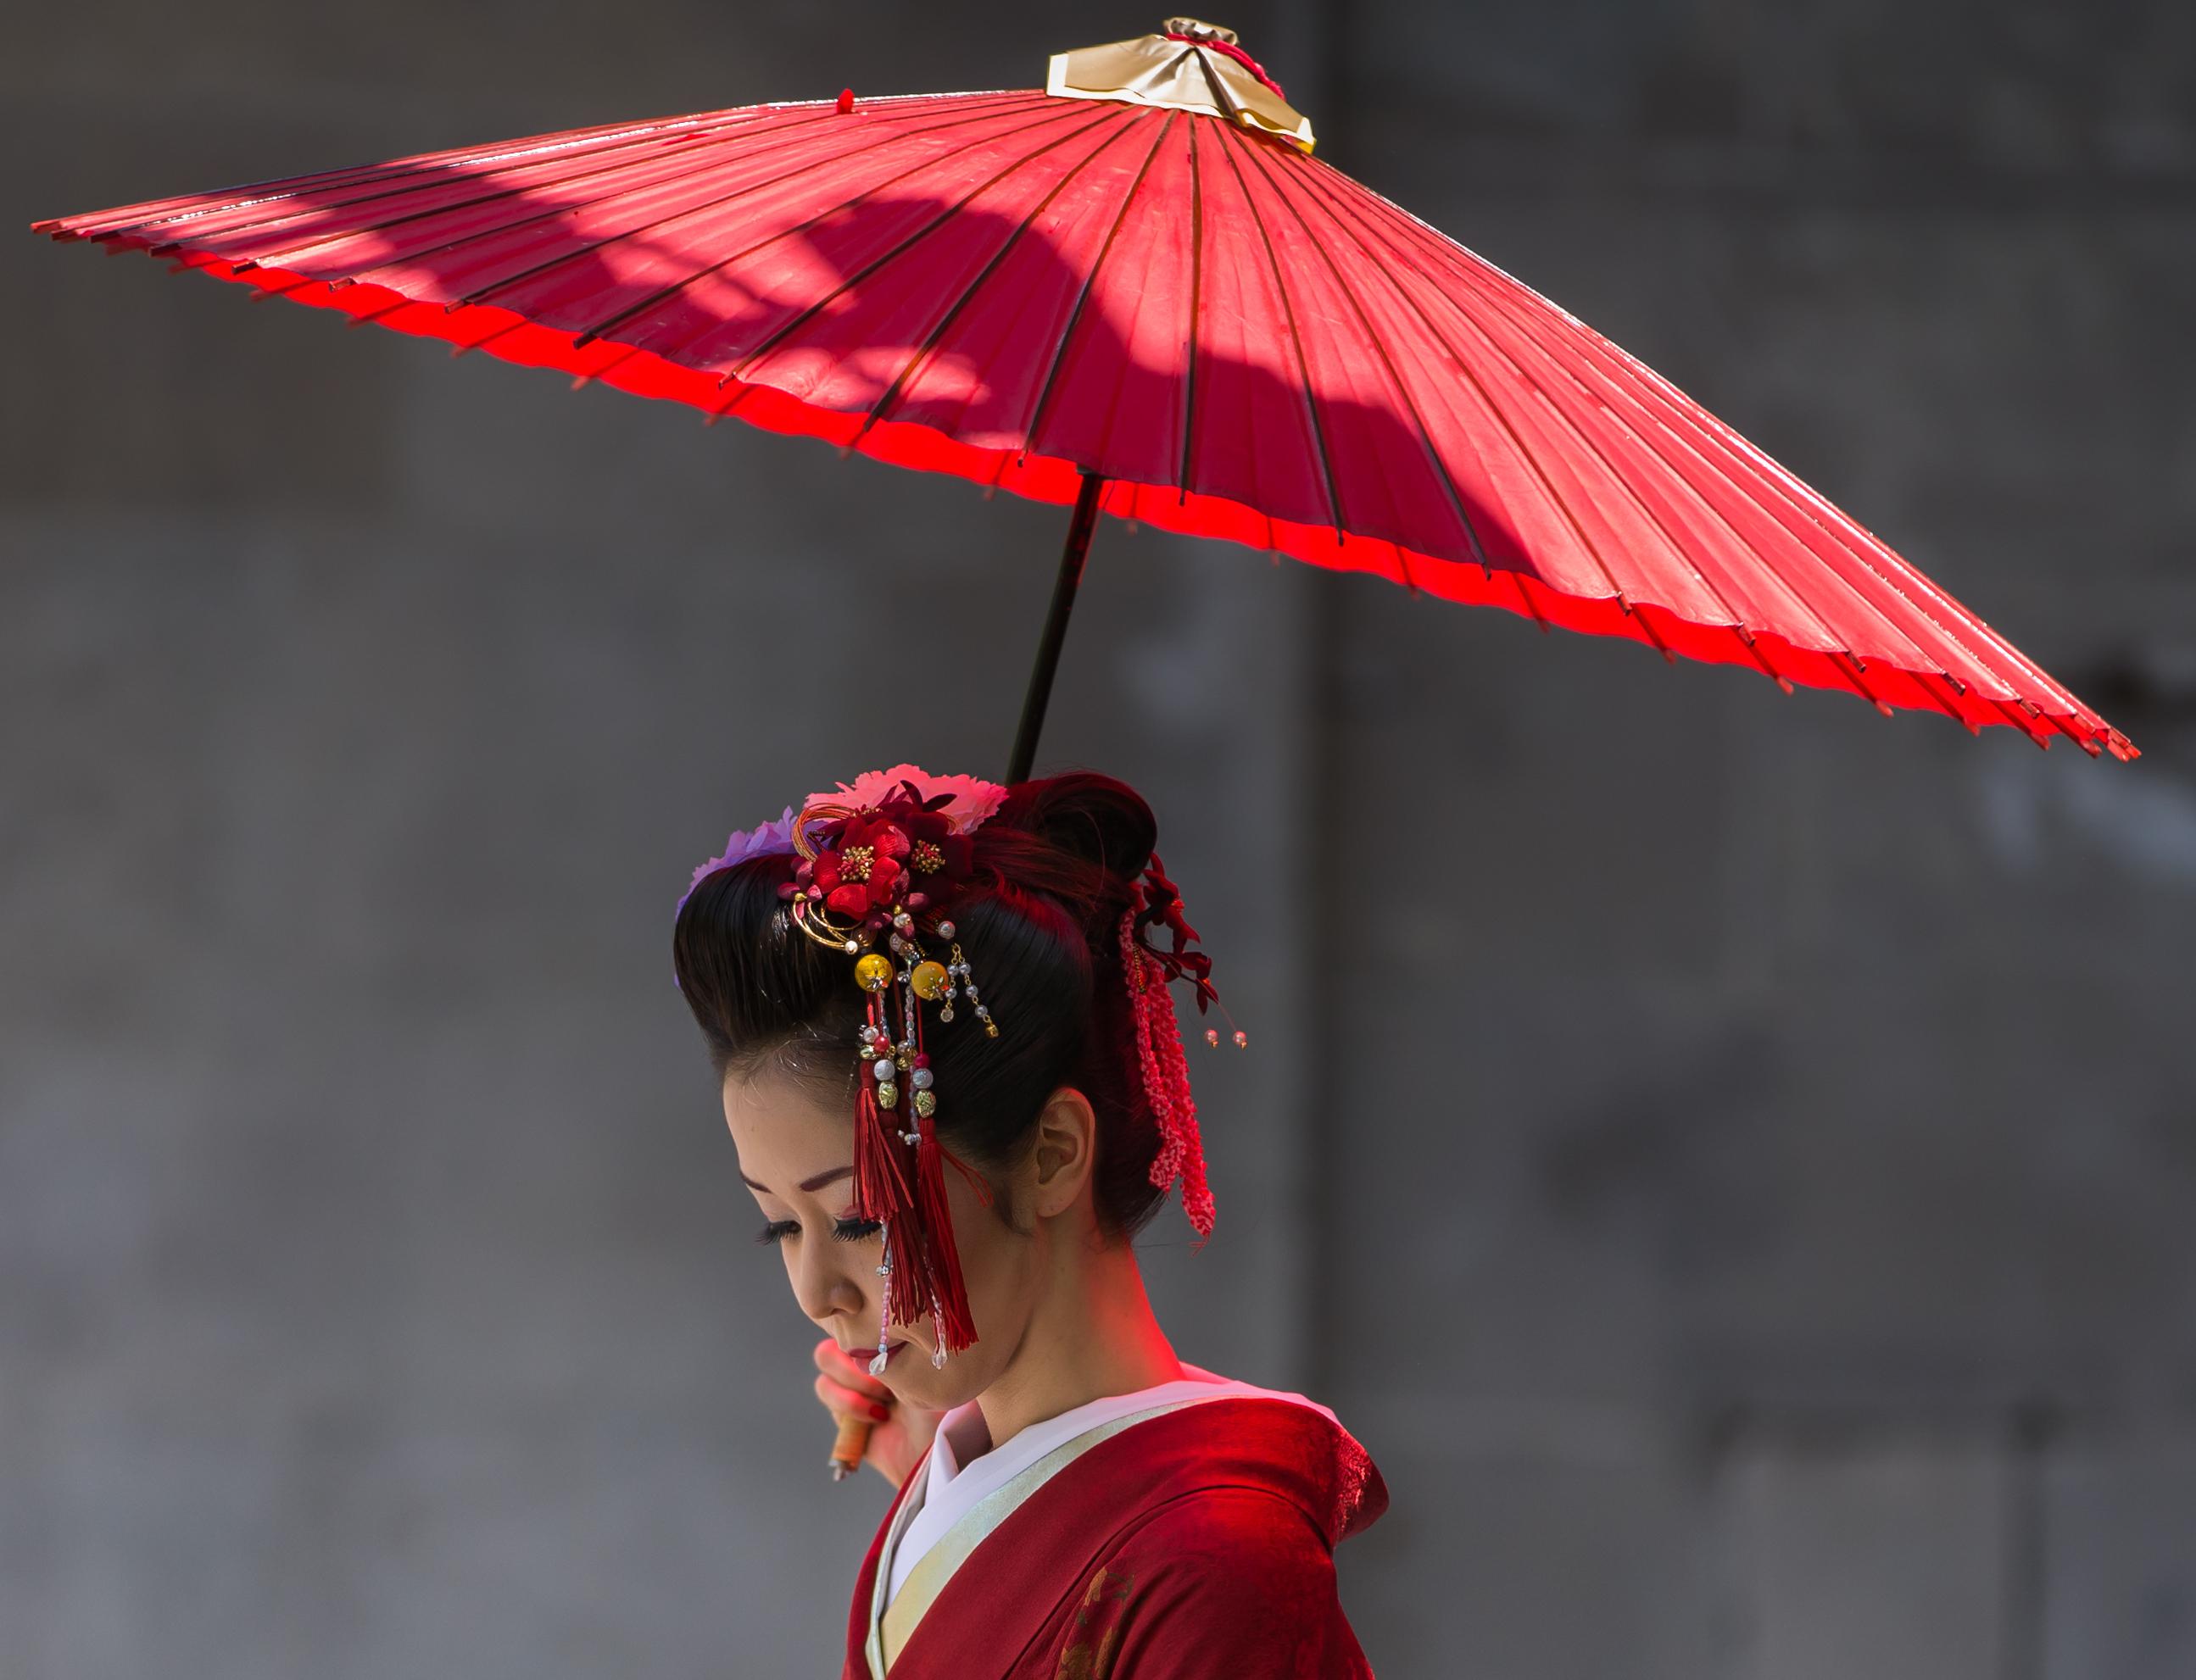 Japanese Female Portrait Umbrella